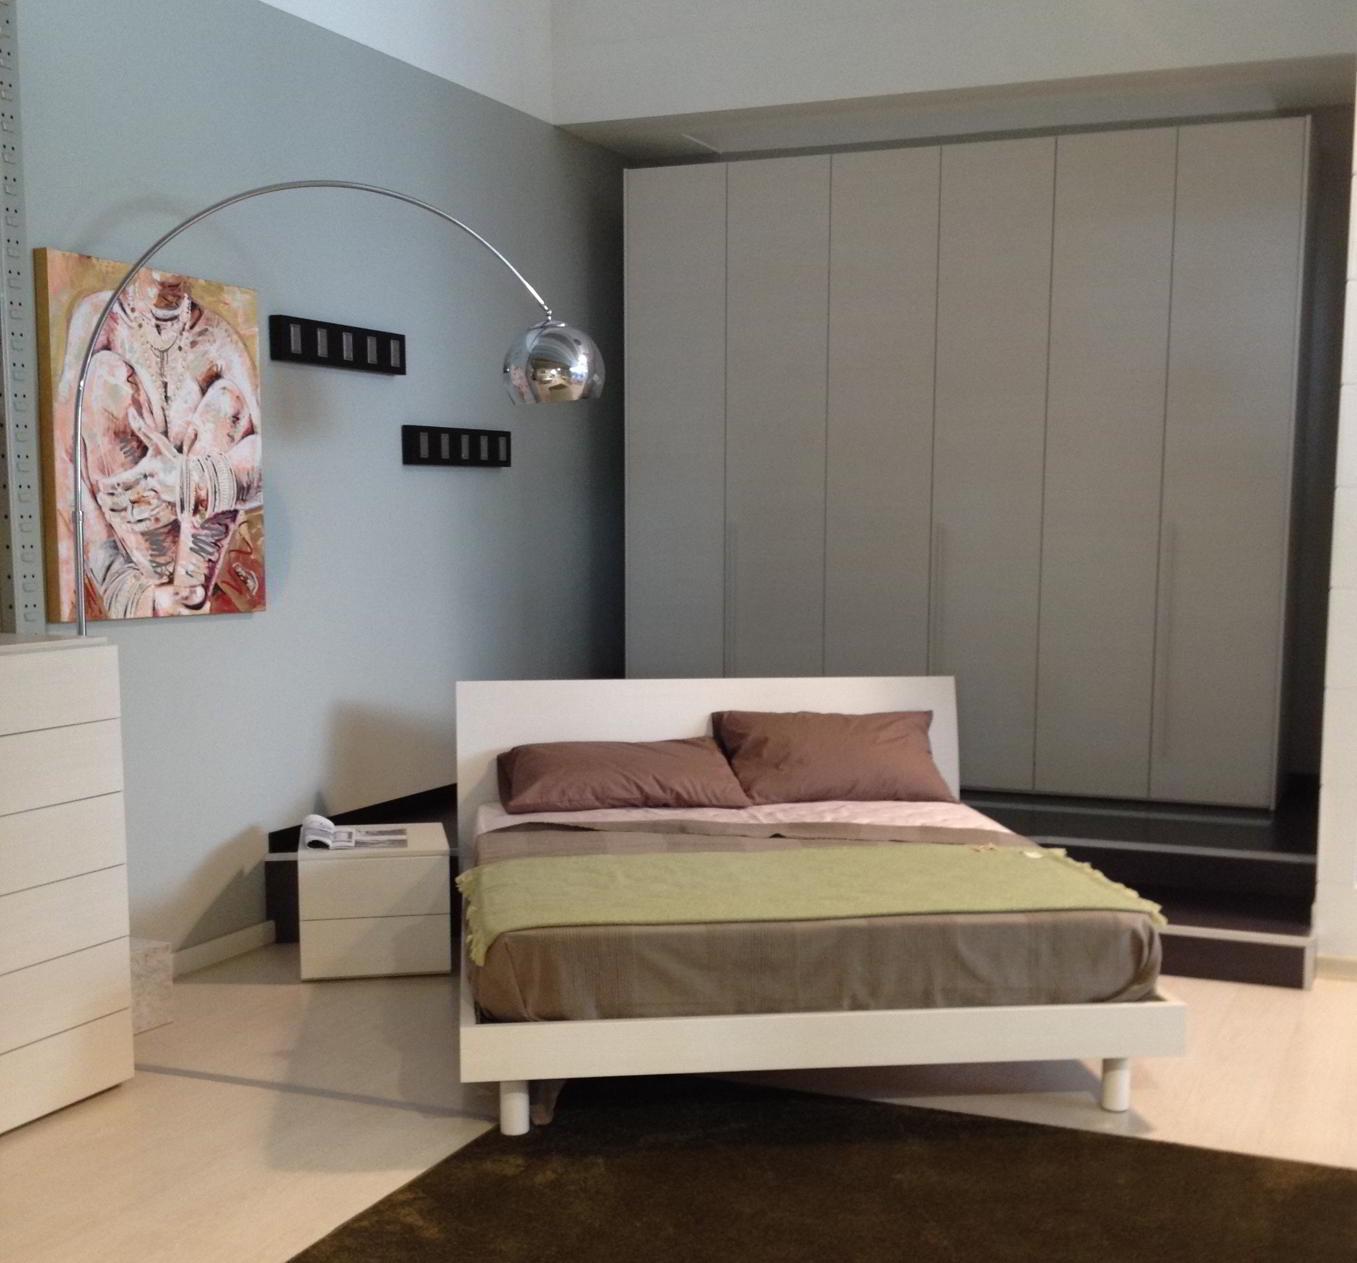 Camera da letto ikea prezzi idee creative e innovative for Camera da letto matrimoniale ikea prezzi